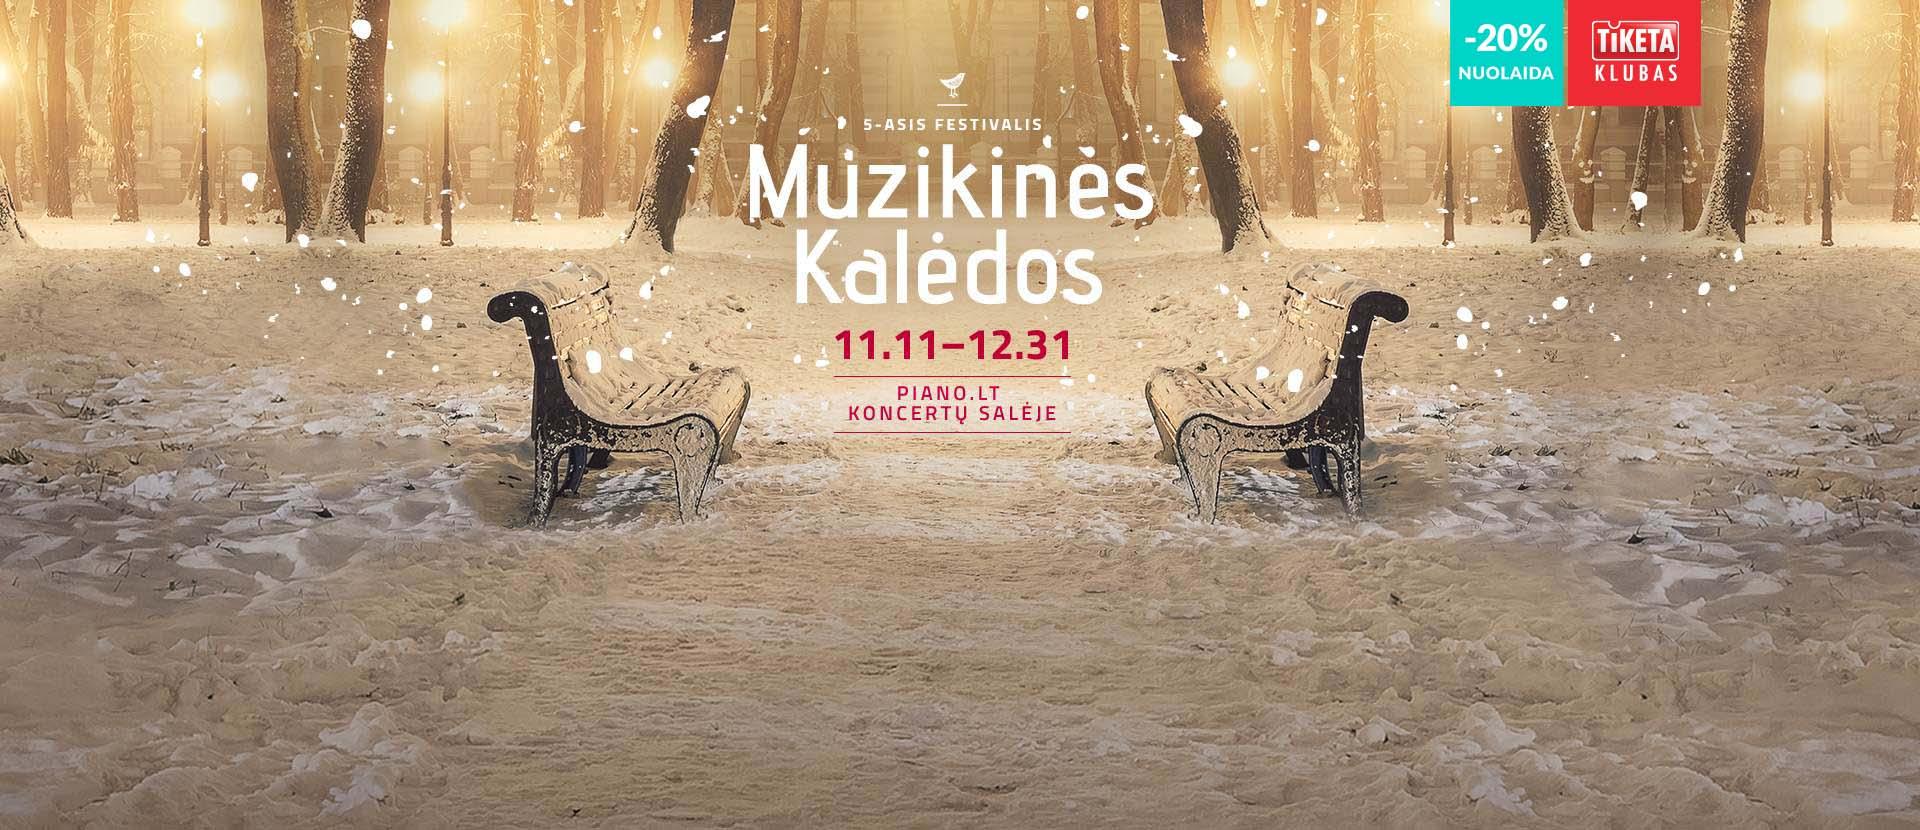 5-asis festivalis MUZIKINĖS KALĖDOS